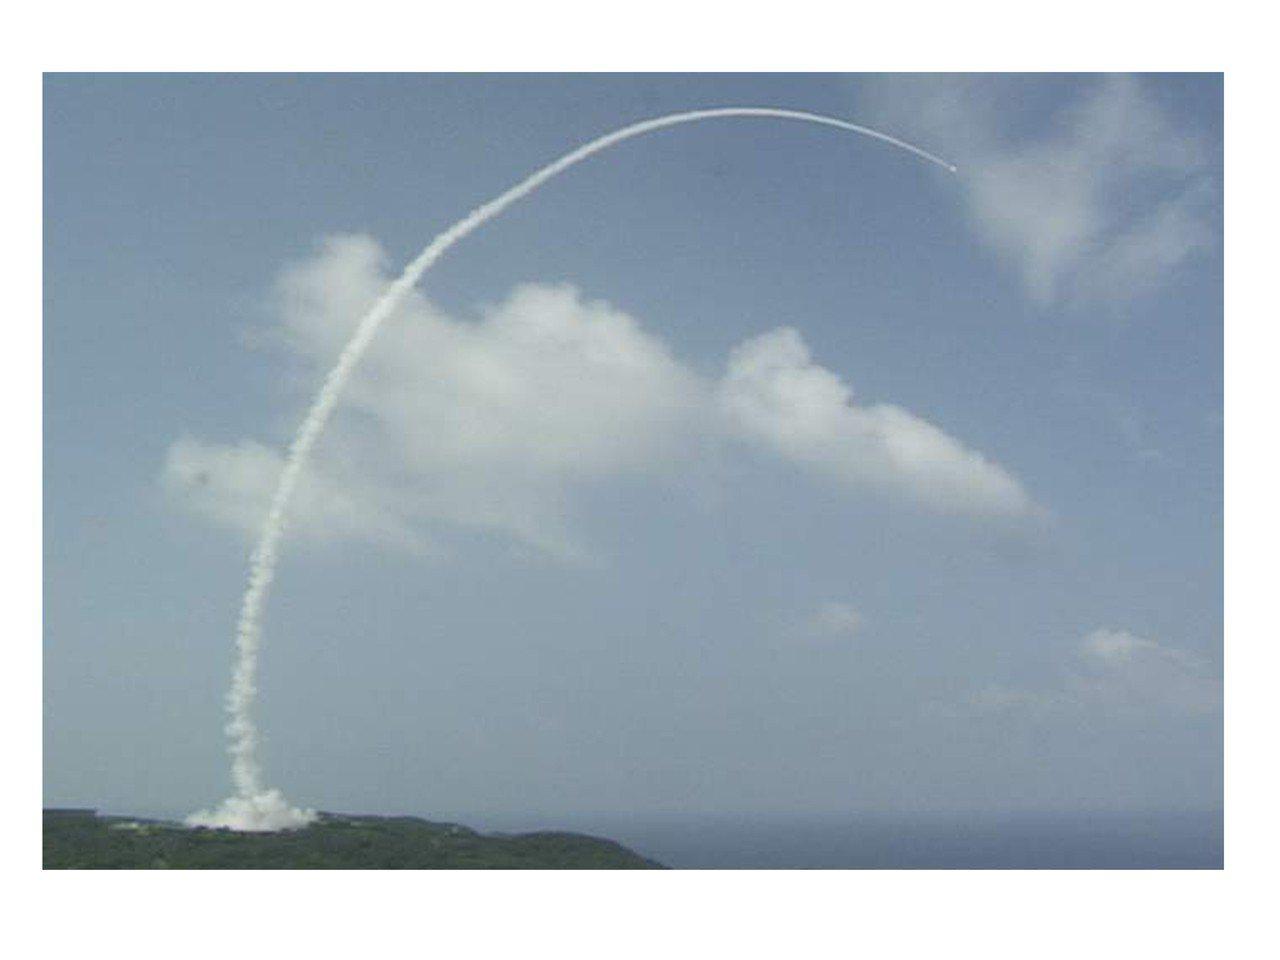 中科院生產的天弓三型飛彈發射後,在空中留下飛行軌跡。 圖/中科院提供